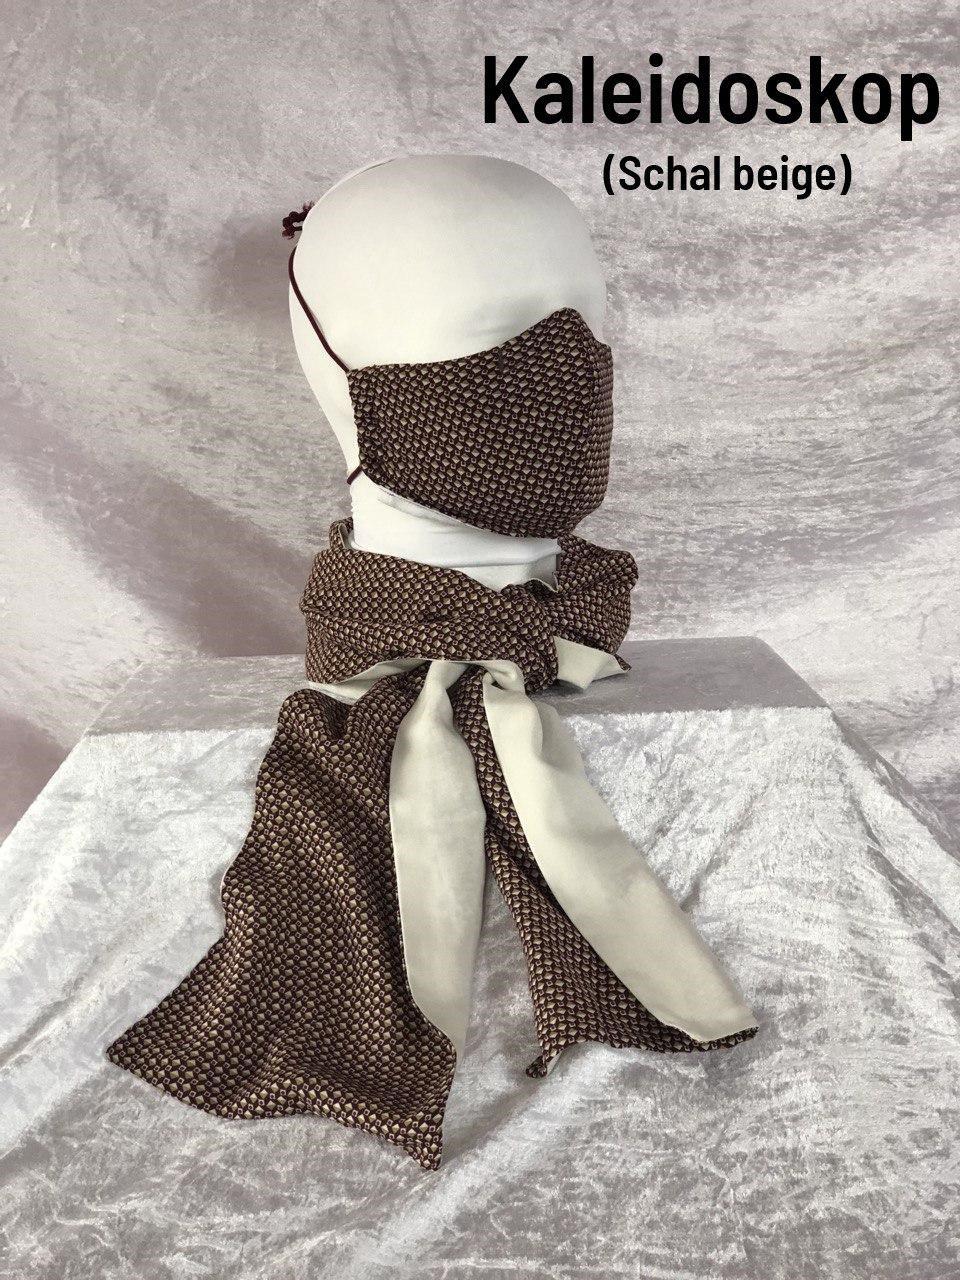 A2 - Maske + Schal beige